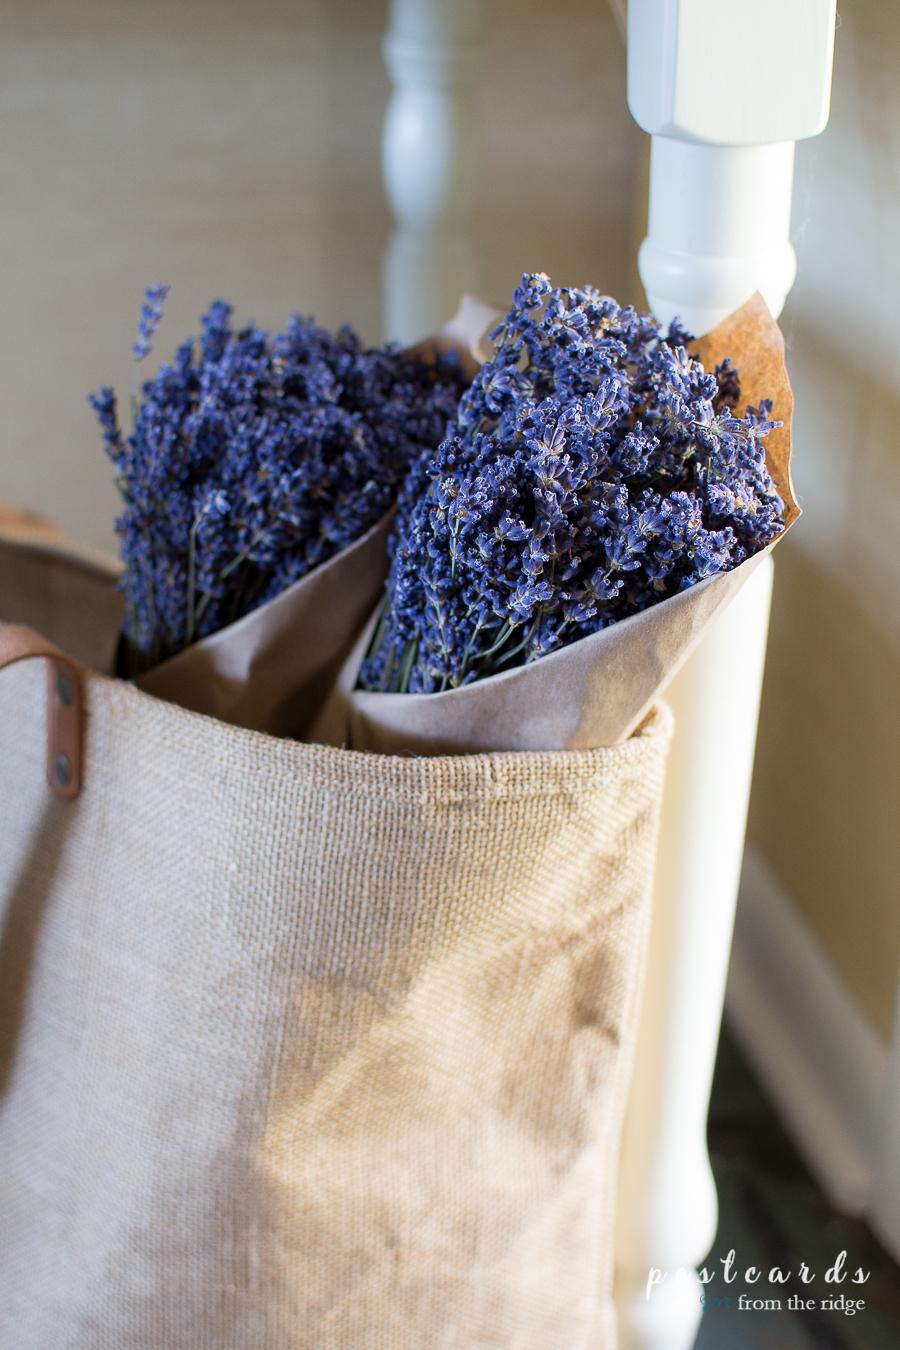 lavender bundles in a burlap tote bag